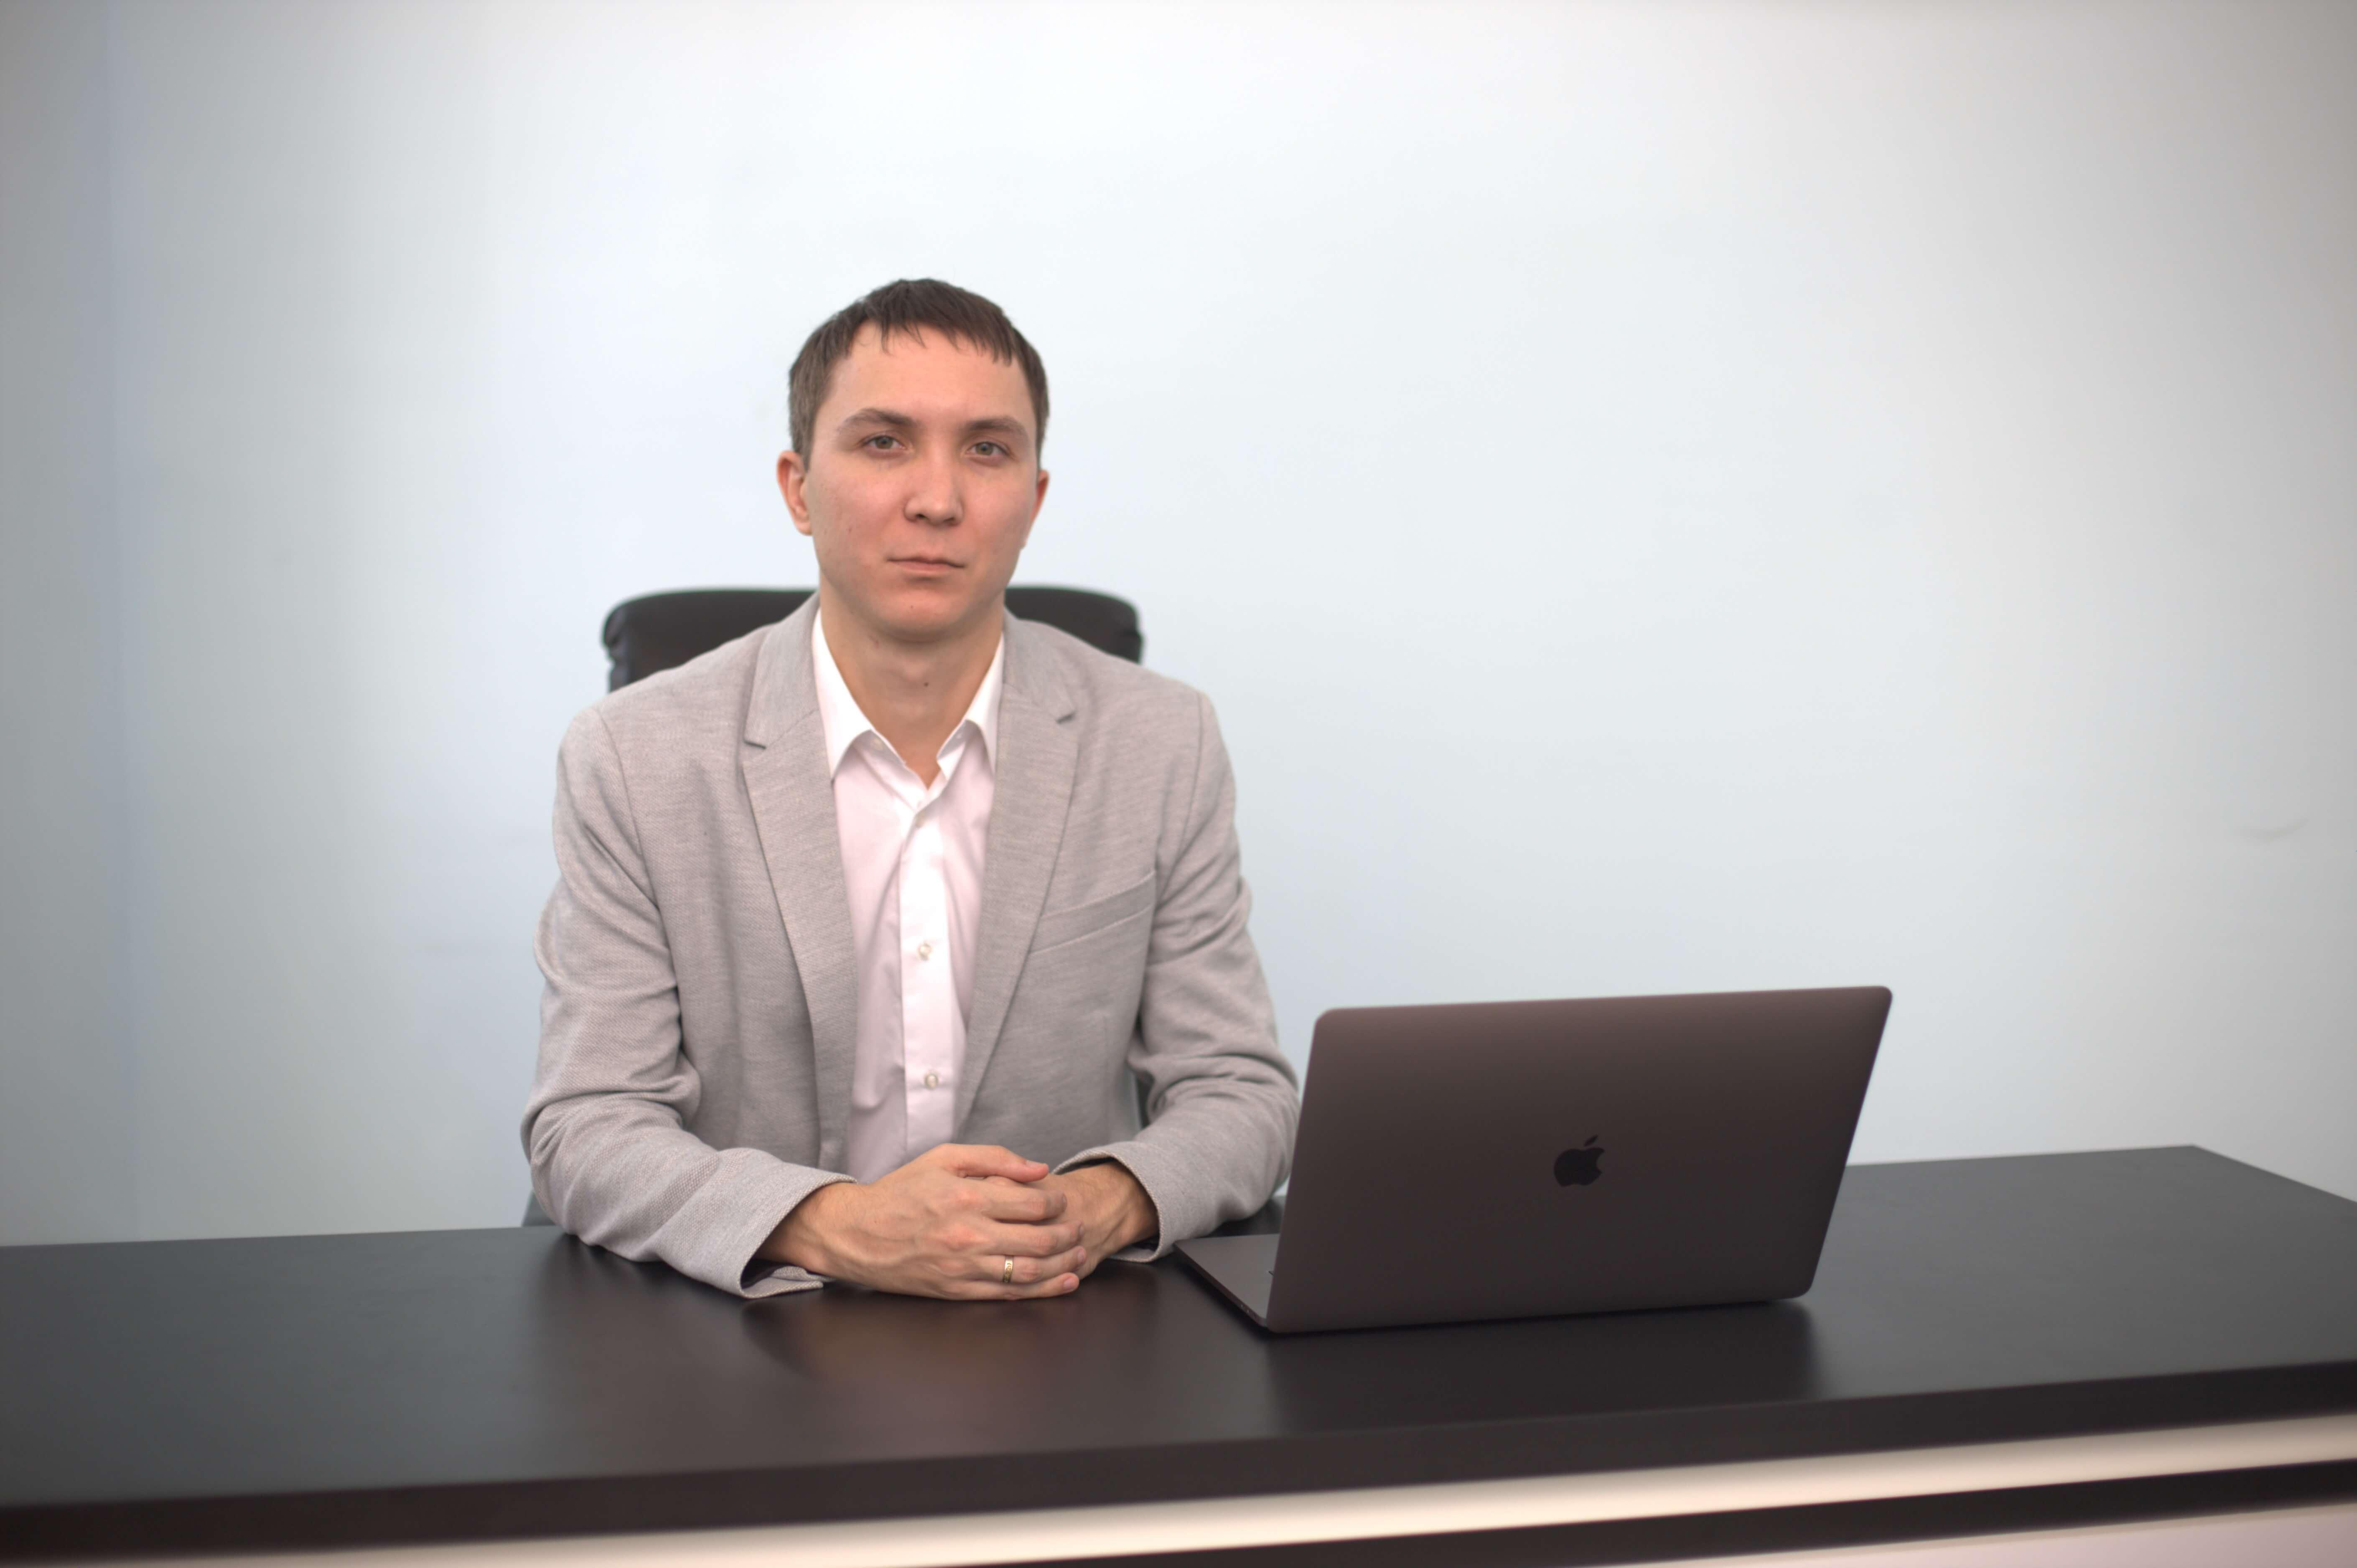 Сергей Улаев, AffContext